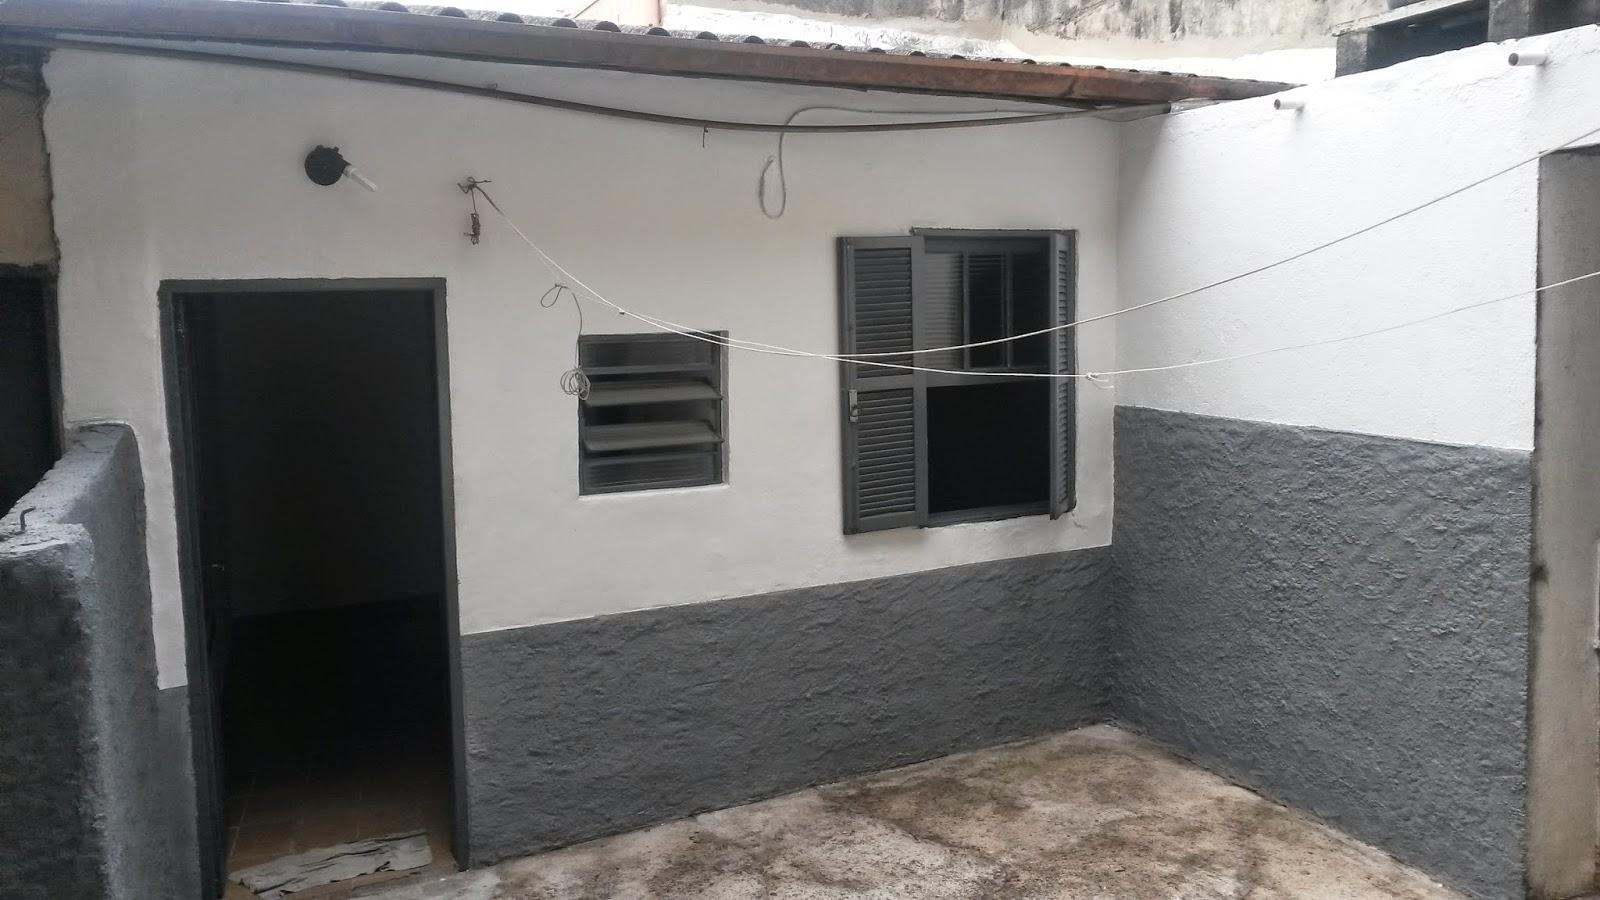 Aluga Se Vl Guaran Casa T Rrea Fundos Imobiliaria Jabaquara -> Quarto Sala Cozinha E Banheiro Para Alugar Em Sp